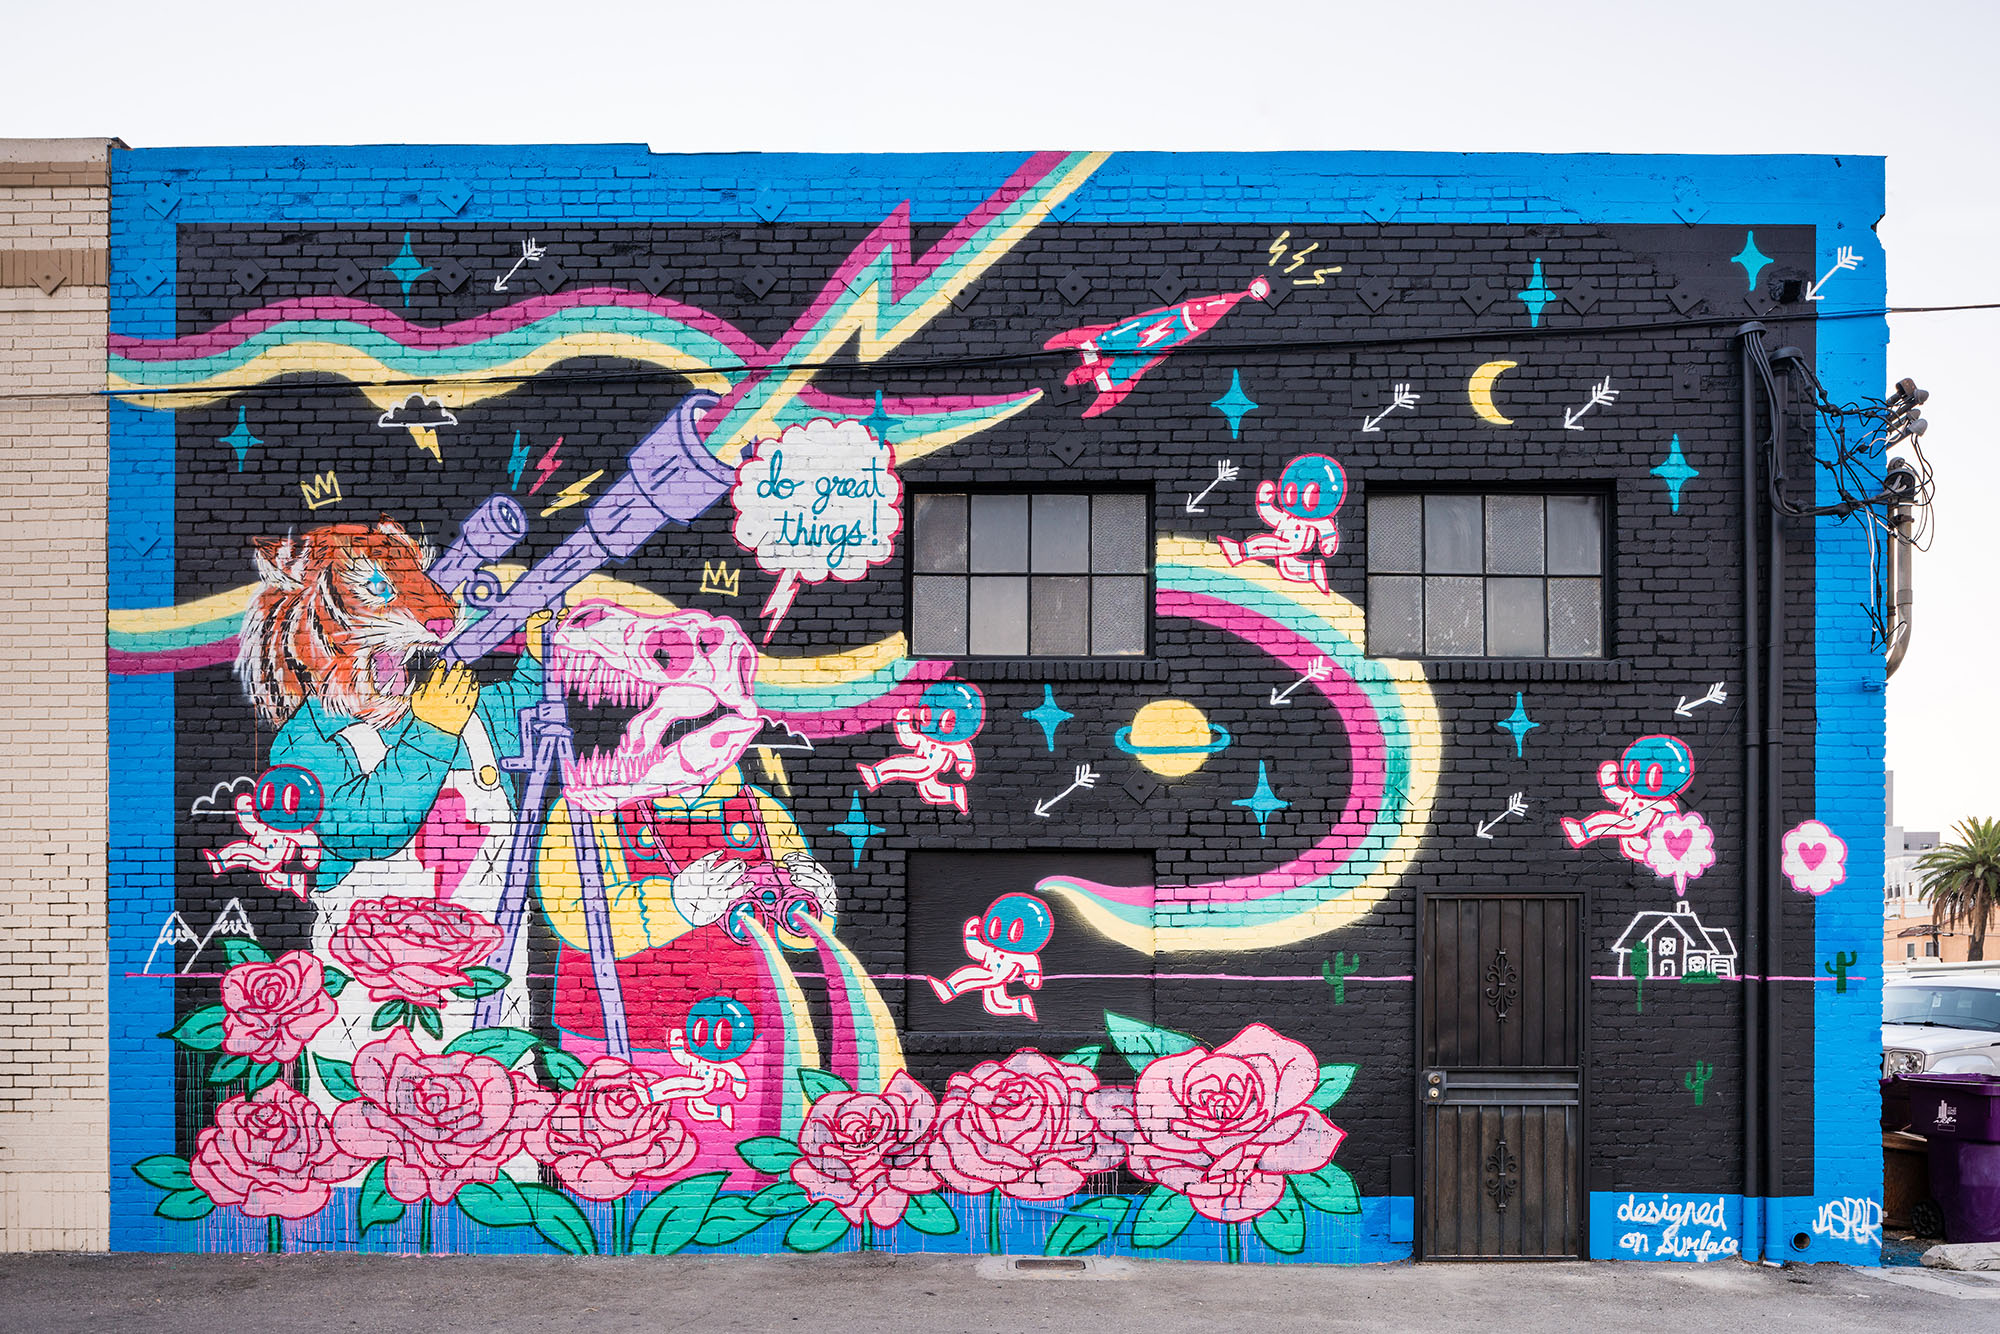 Photo: Jasper Wong / Mural: Jasper Wong